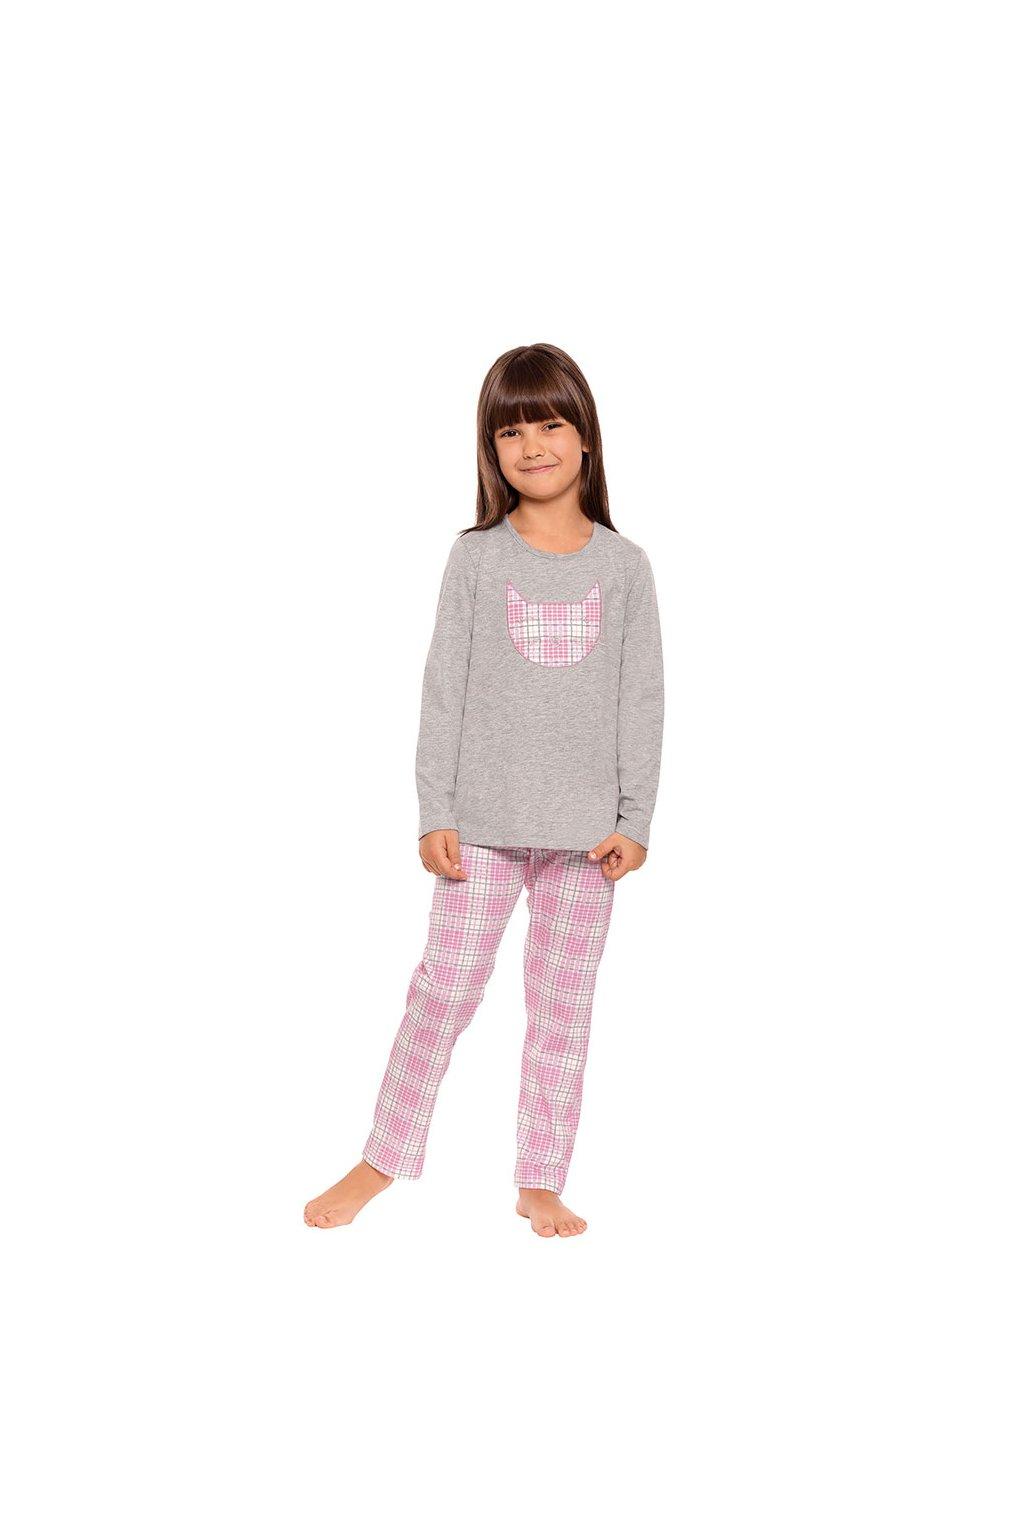 Dívčí pyžamo s dlouhým rukávem, 404151 30, šedá